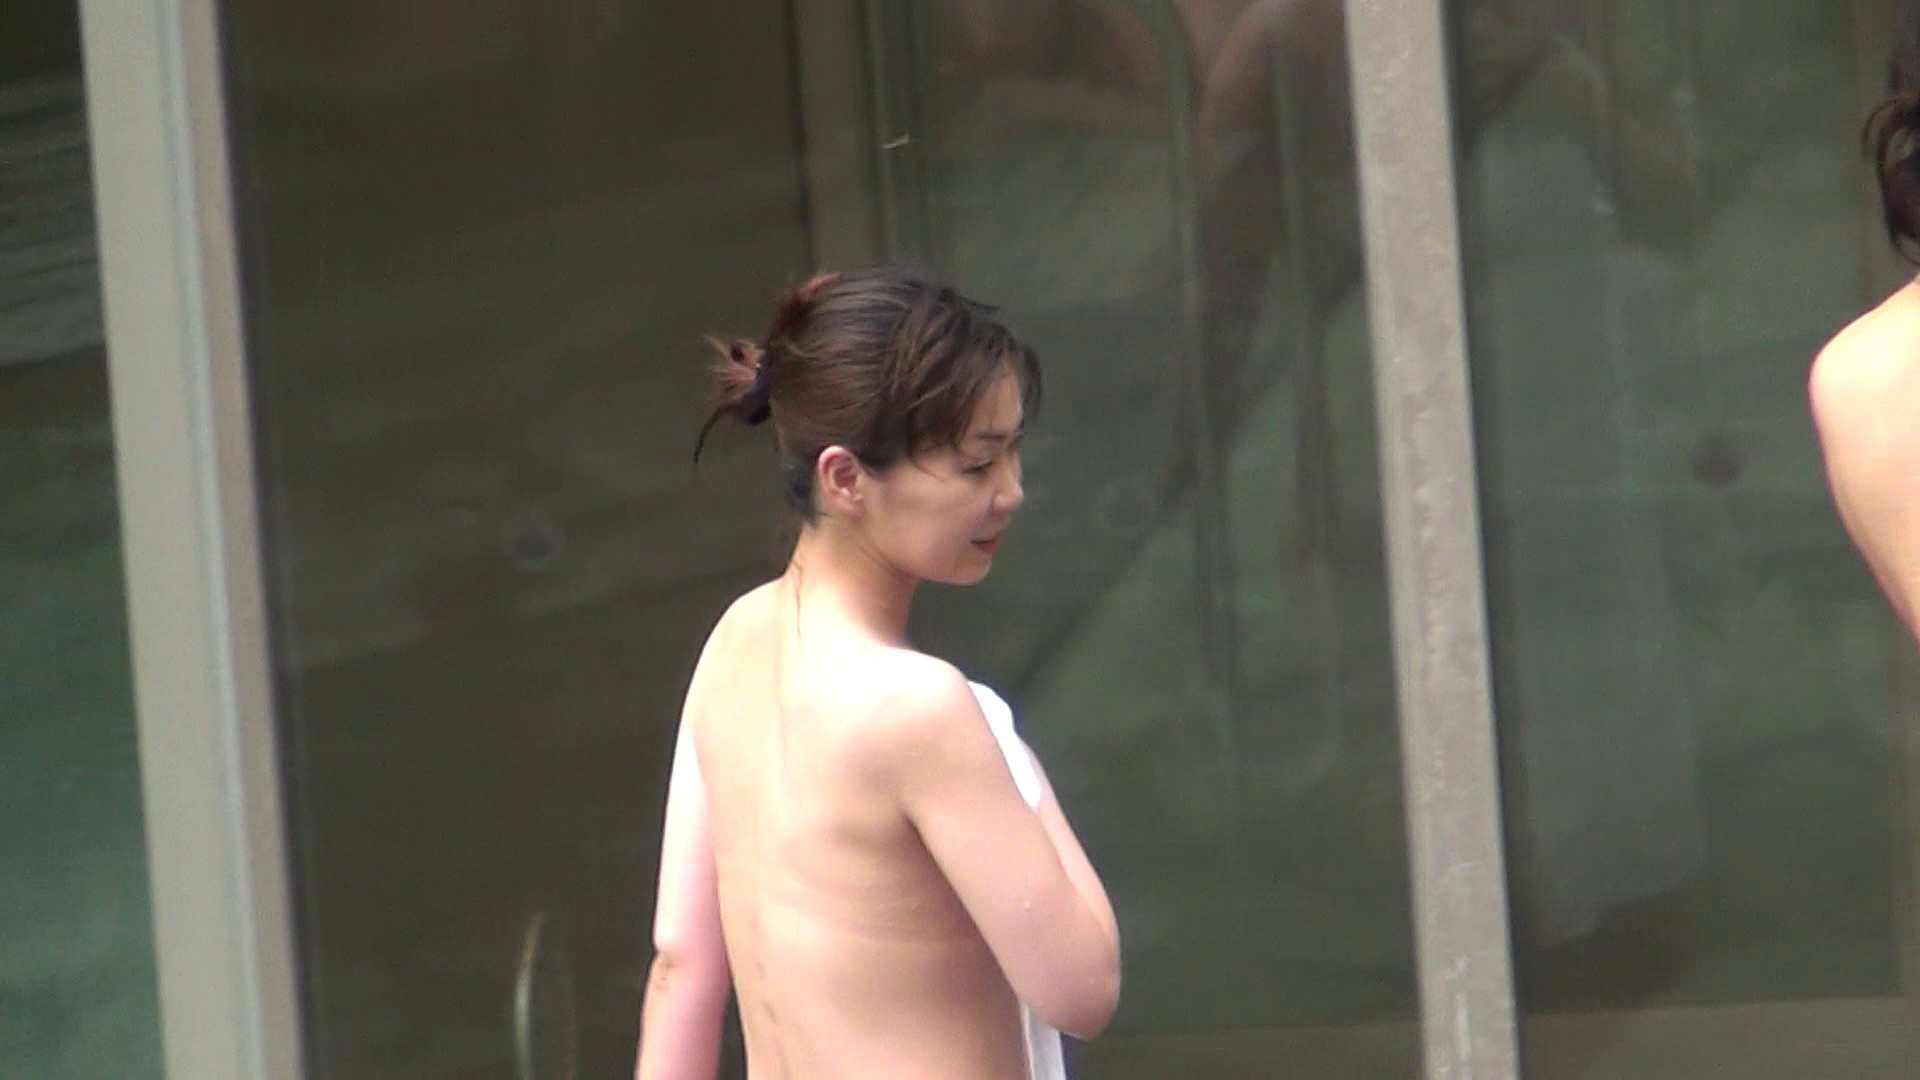 Aquaな露天風呂Vol.238 盗撮師作品   美しいOLの裸体  87pic 7